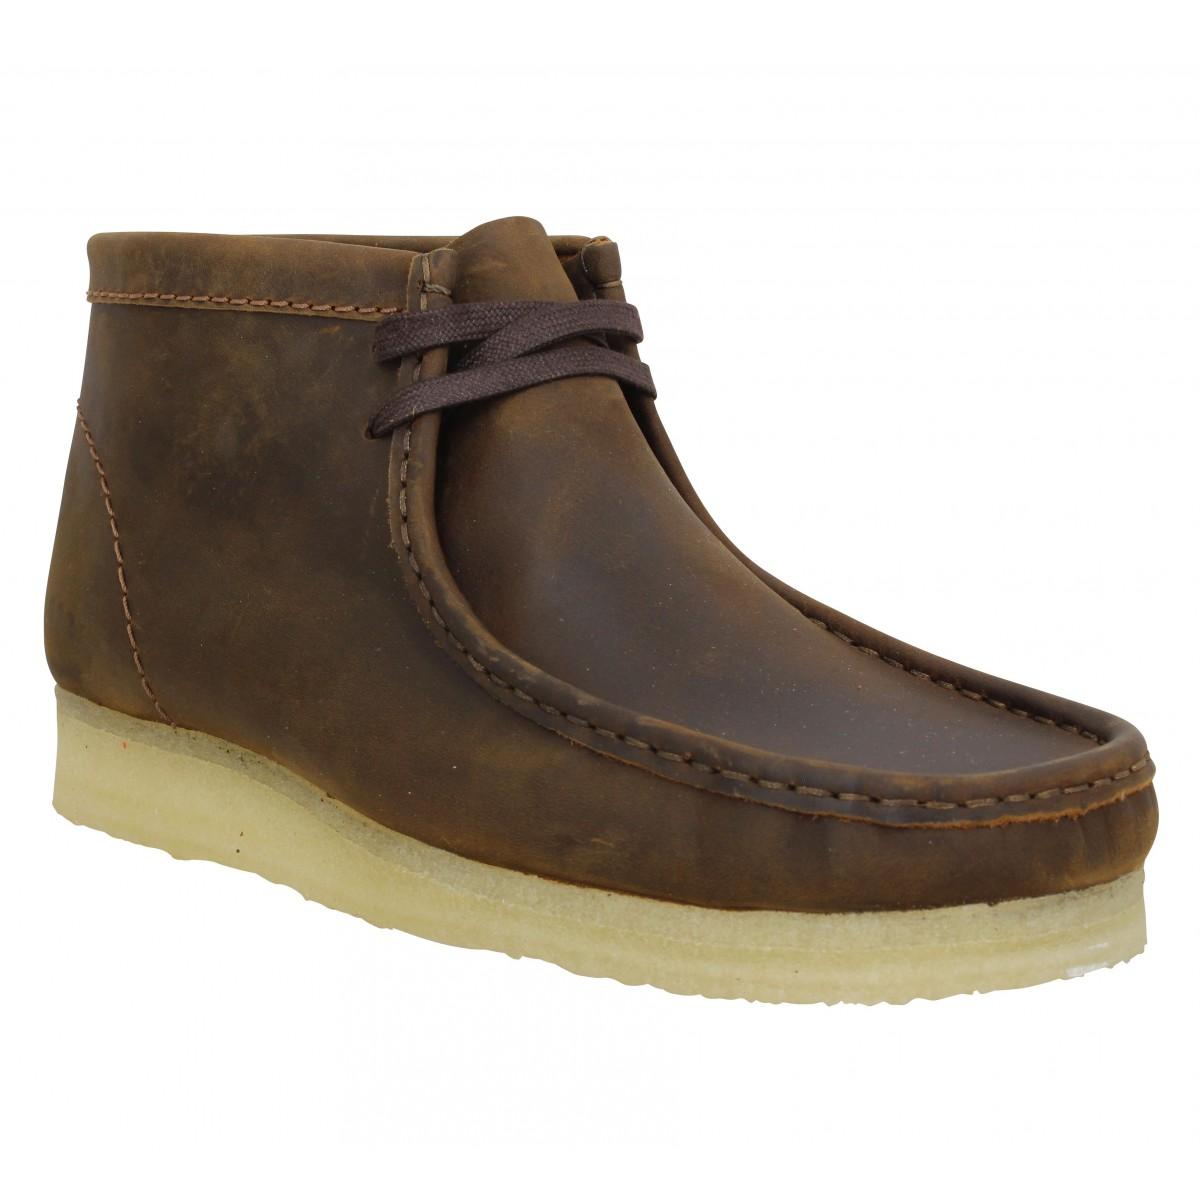 Clarks Originals Homme Wallabee Boot...